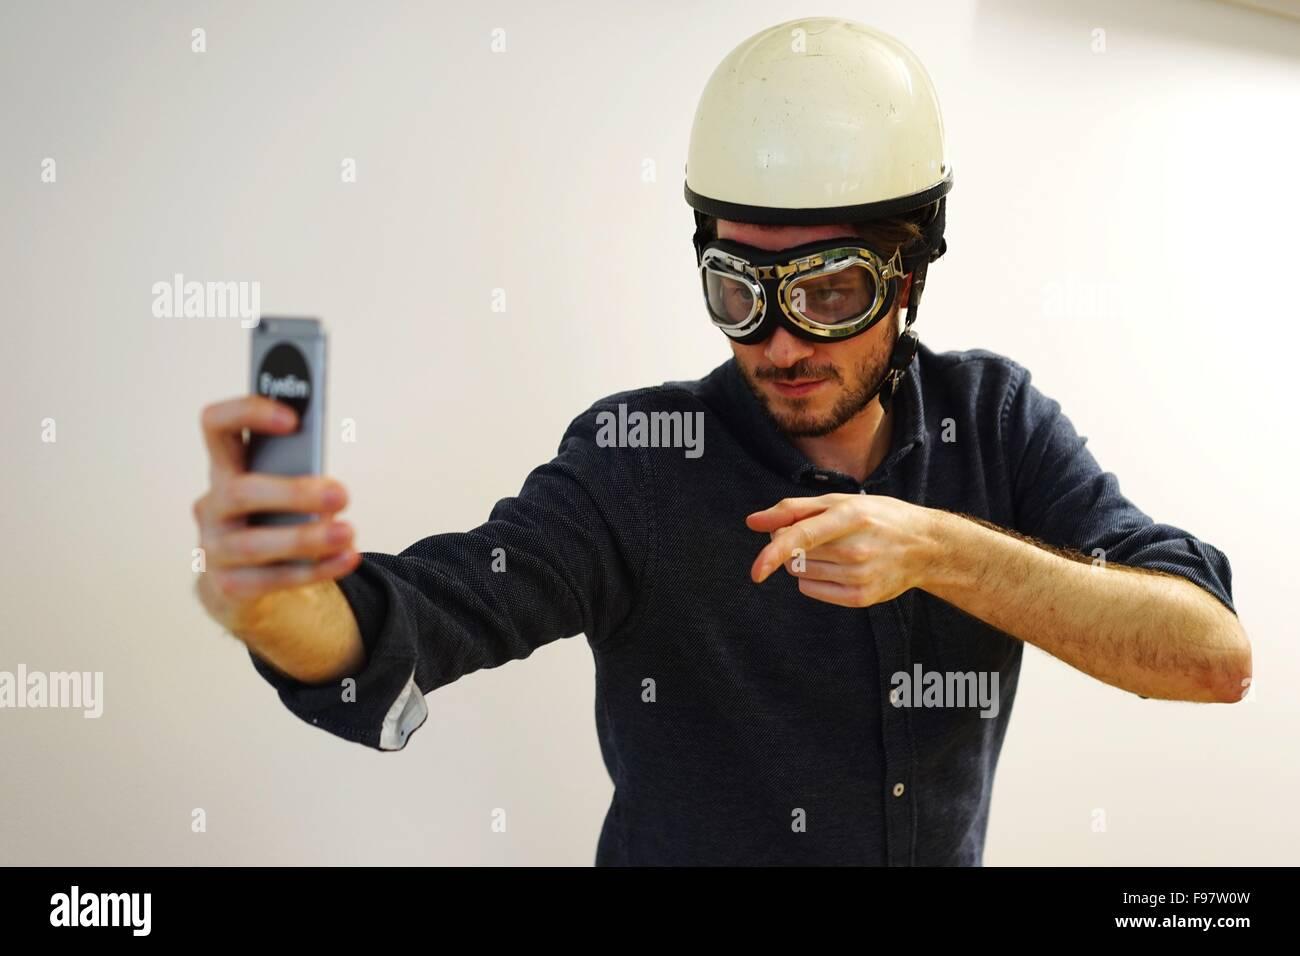 Junger Mann In Aviator Brille und Helm nehmen Selfie gegen weiße Wand Stockbild